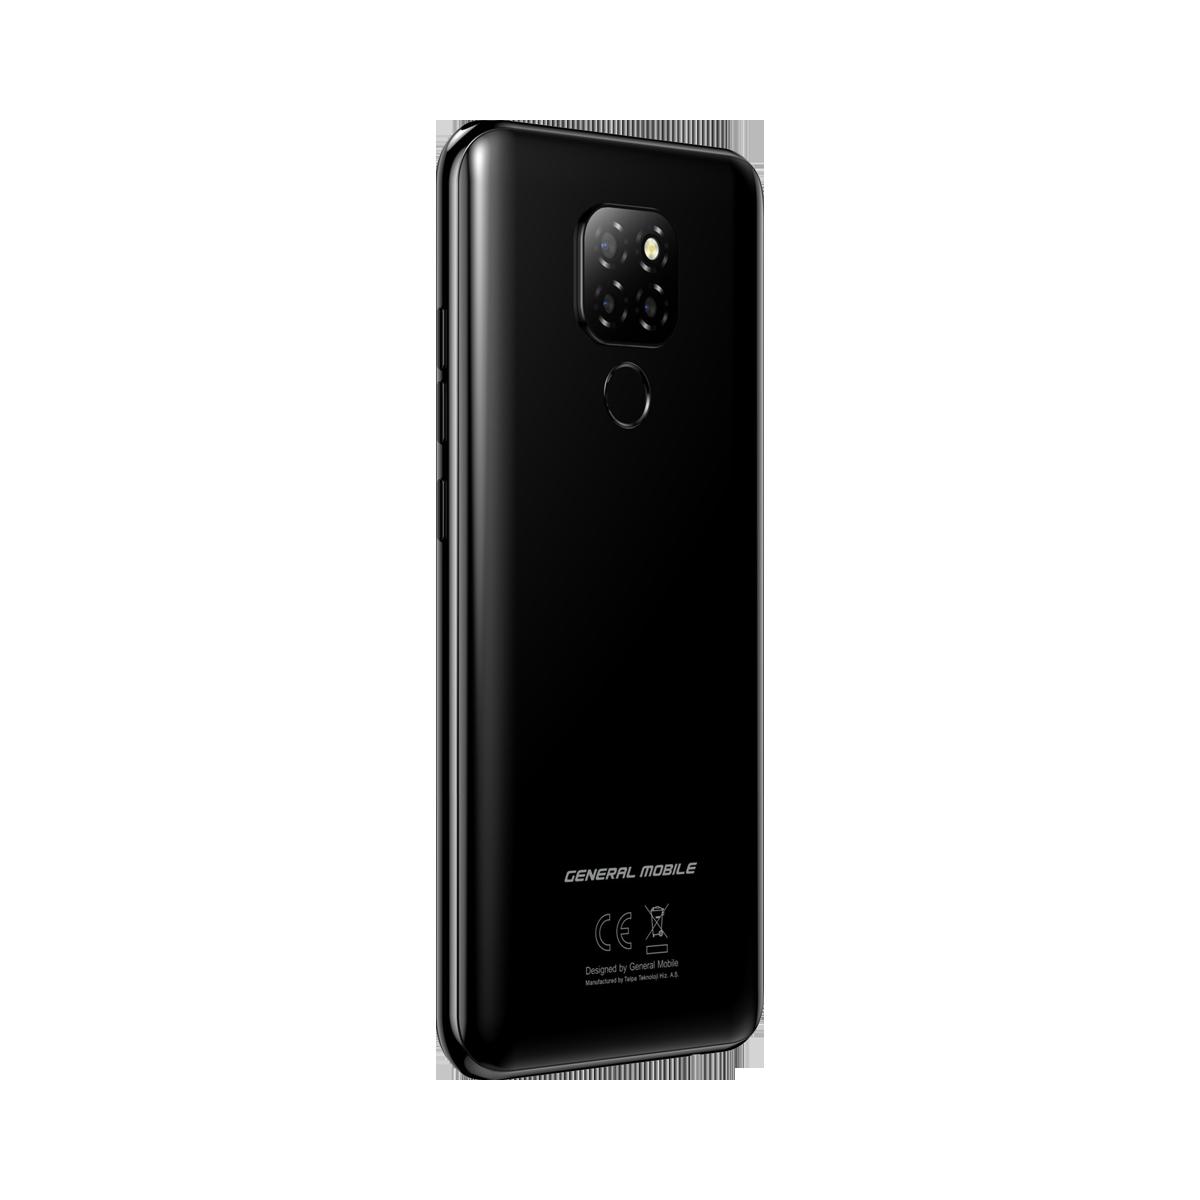 General Mobile GM 20 64 GB Siyah